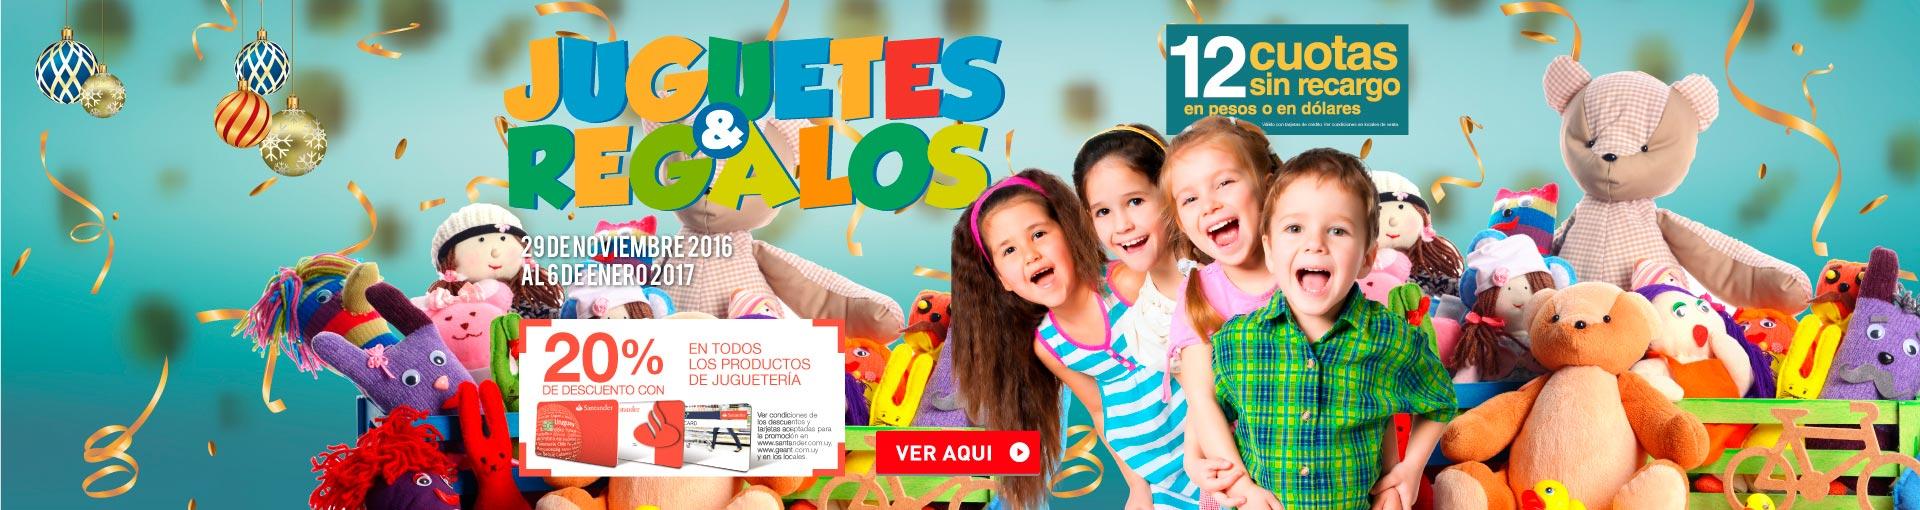 juguetesyregalos1920x510